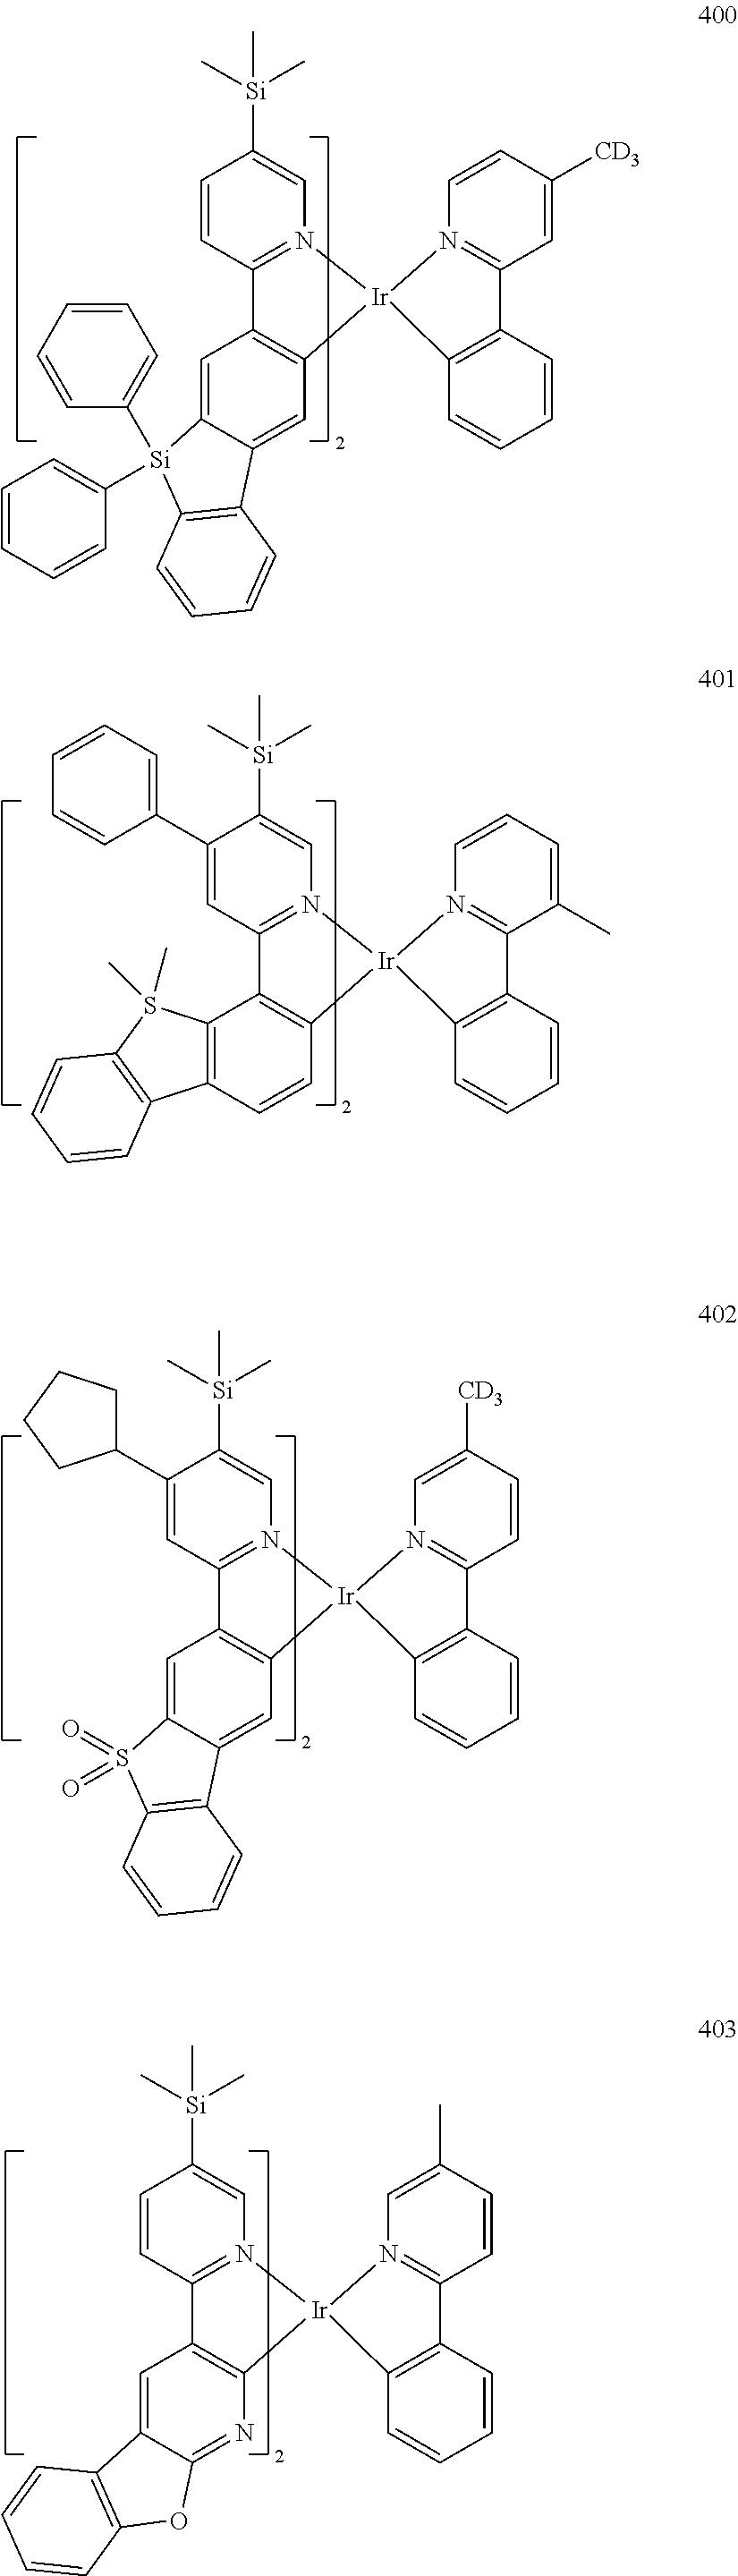 Figure US20160155962A1-20160602-C00181